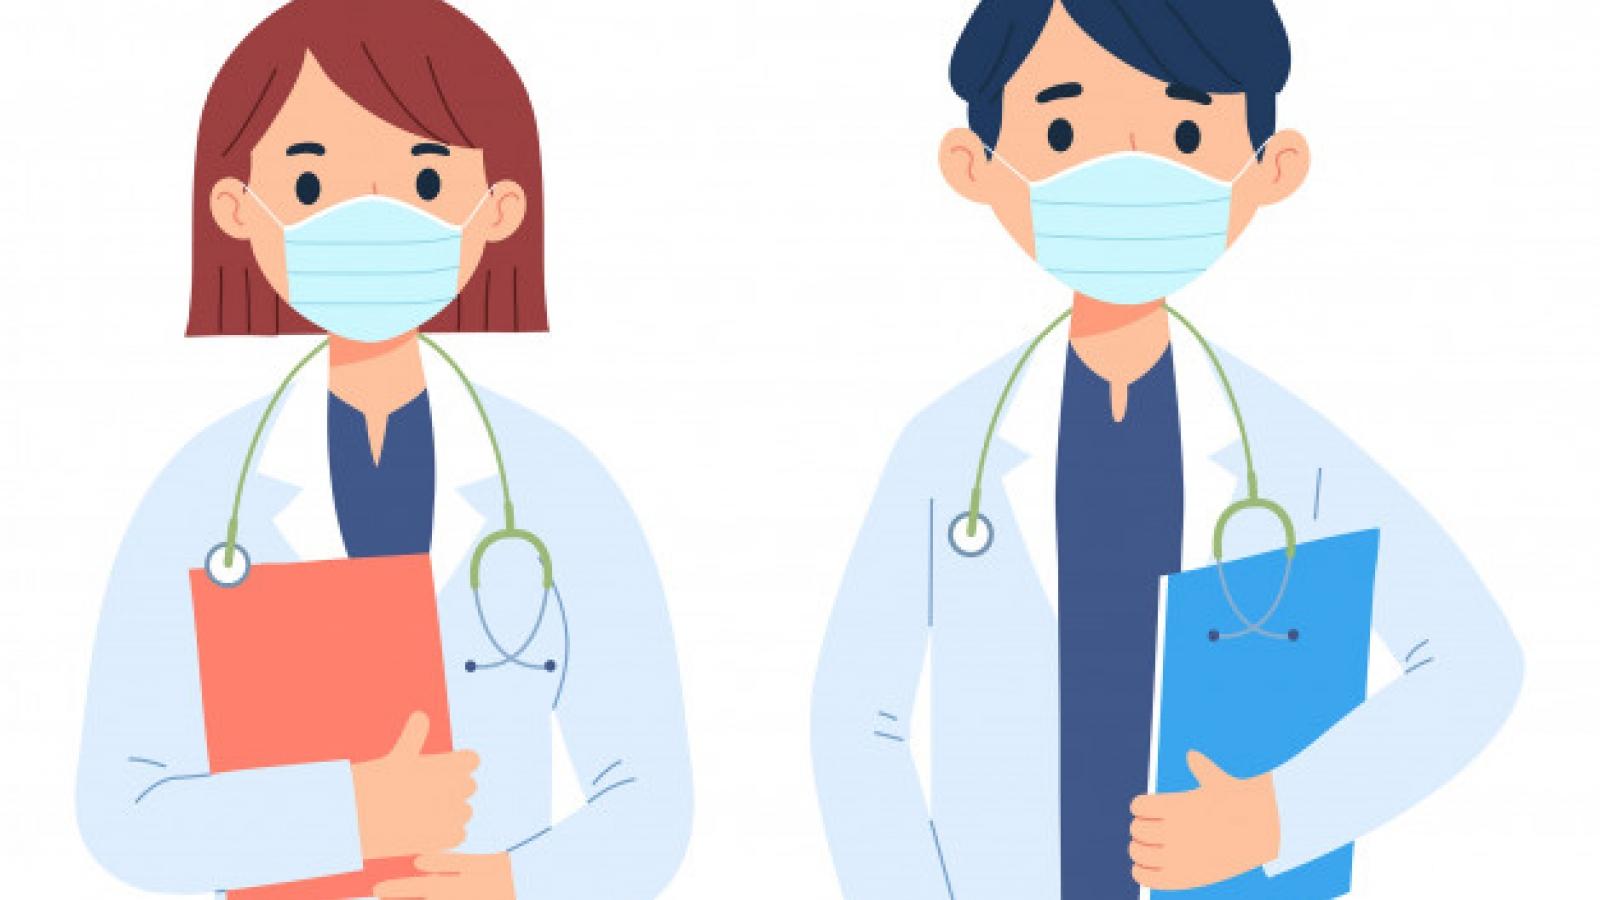 Lựa chọn giới tính thai nhi: Các bác sĩ nói gì?